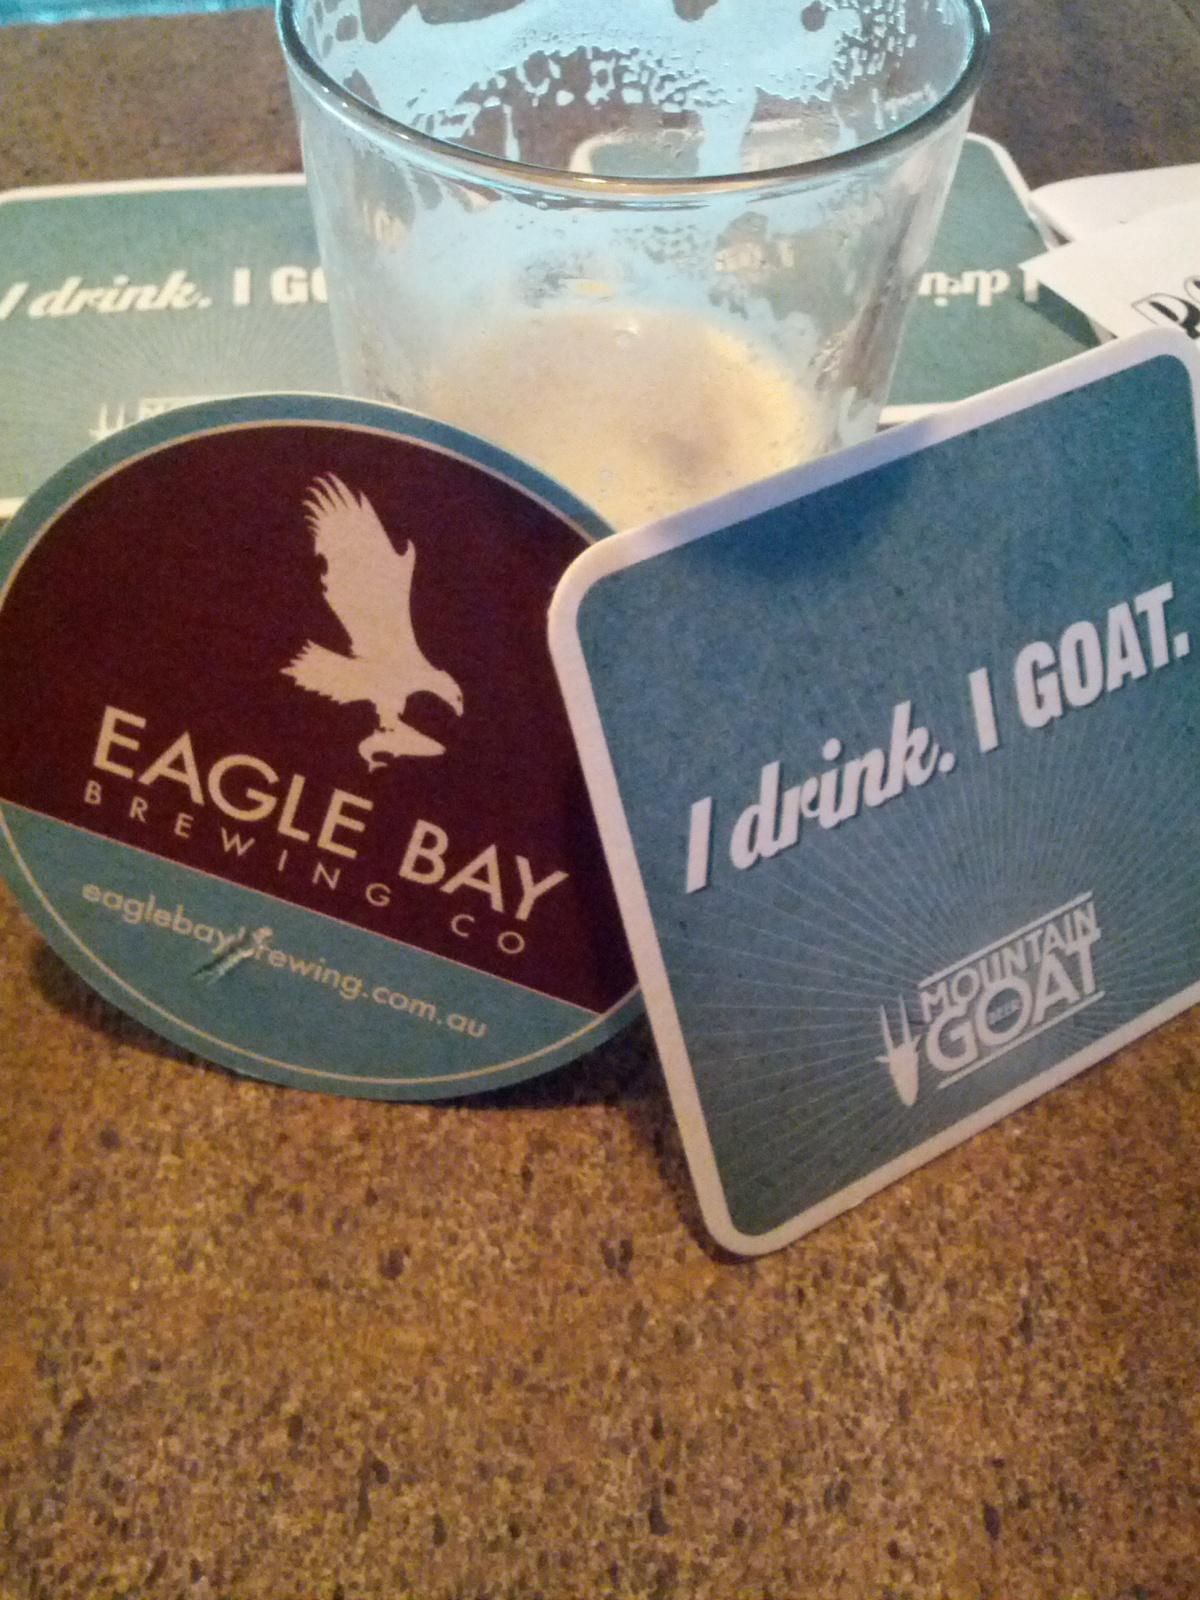 Eagle versus Goat